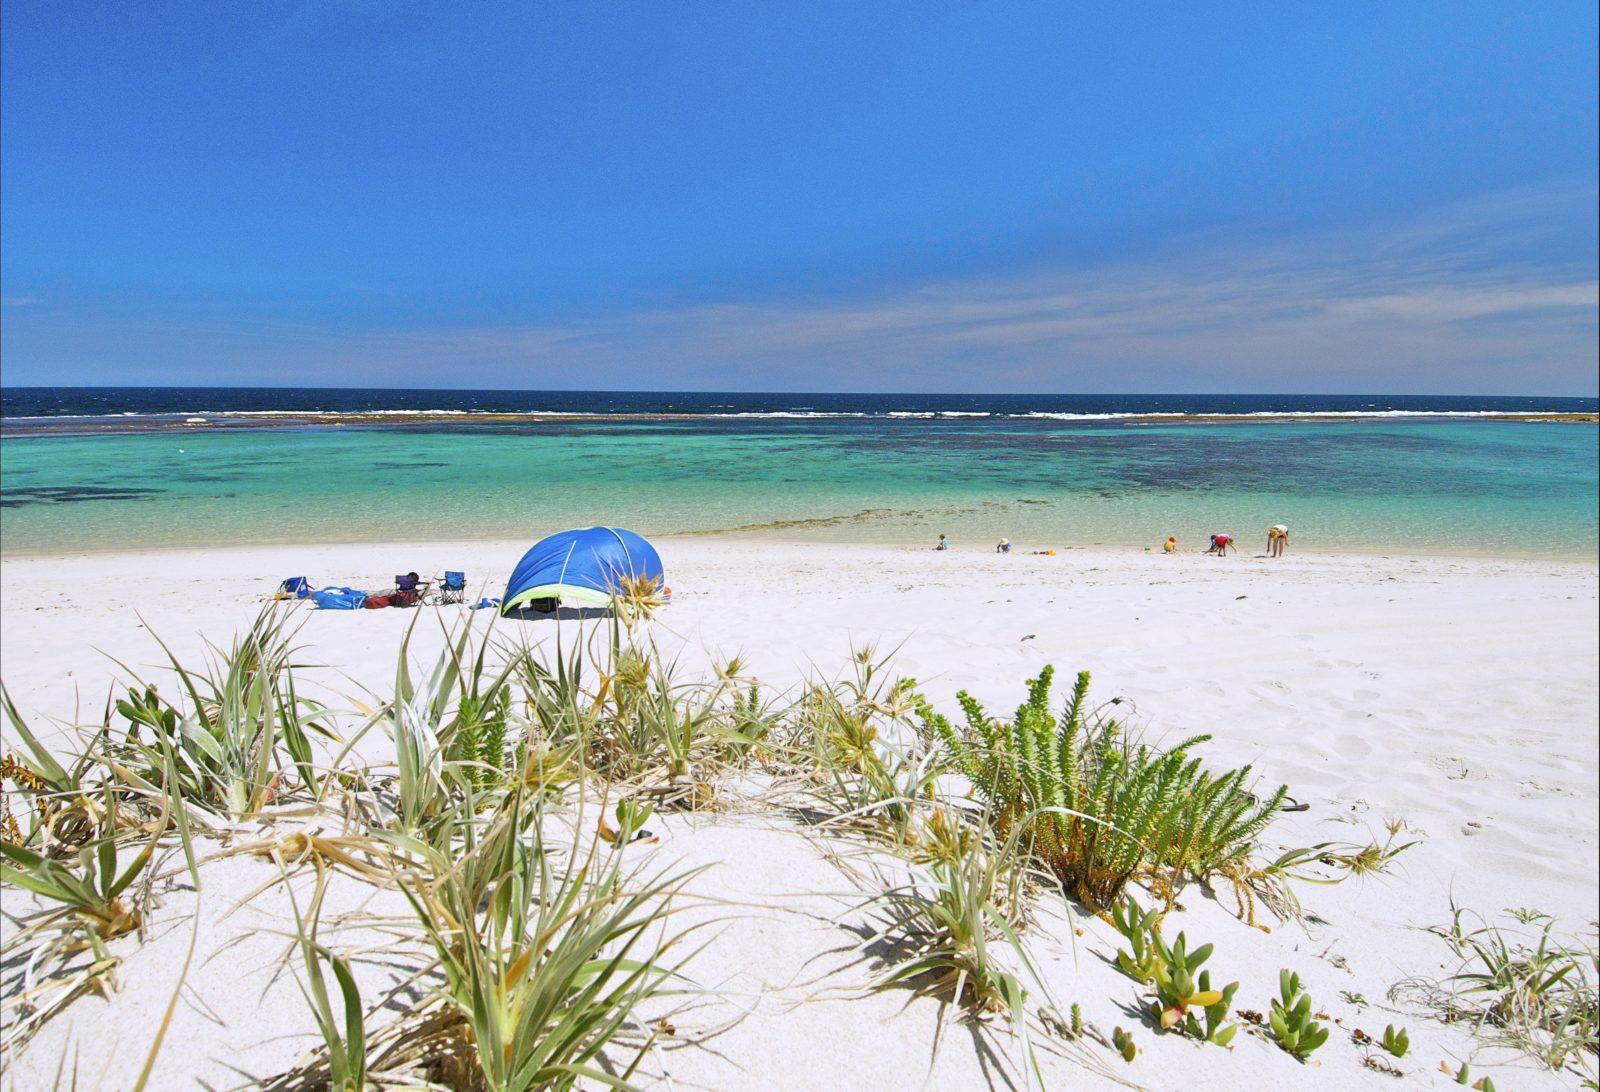 Hopetoun Beaches, Hopetoun, Western Australia